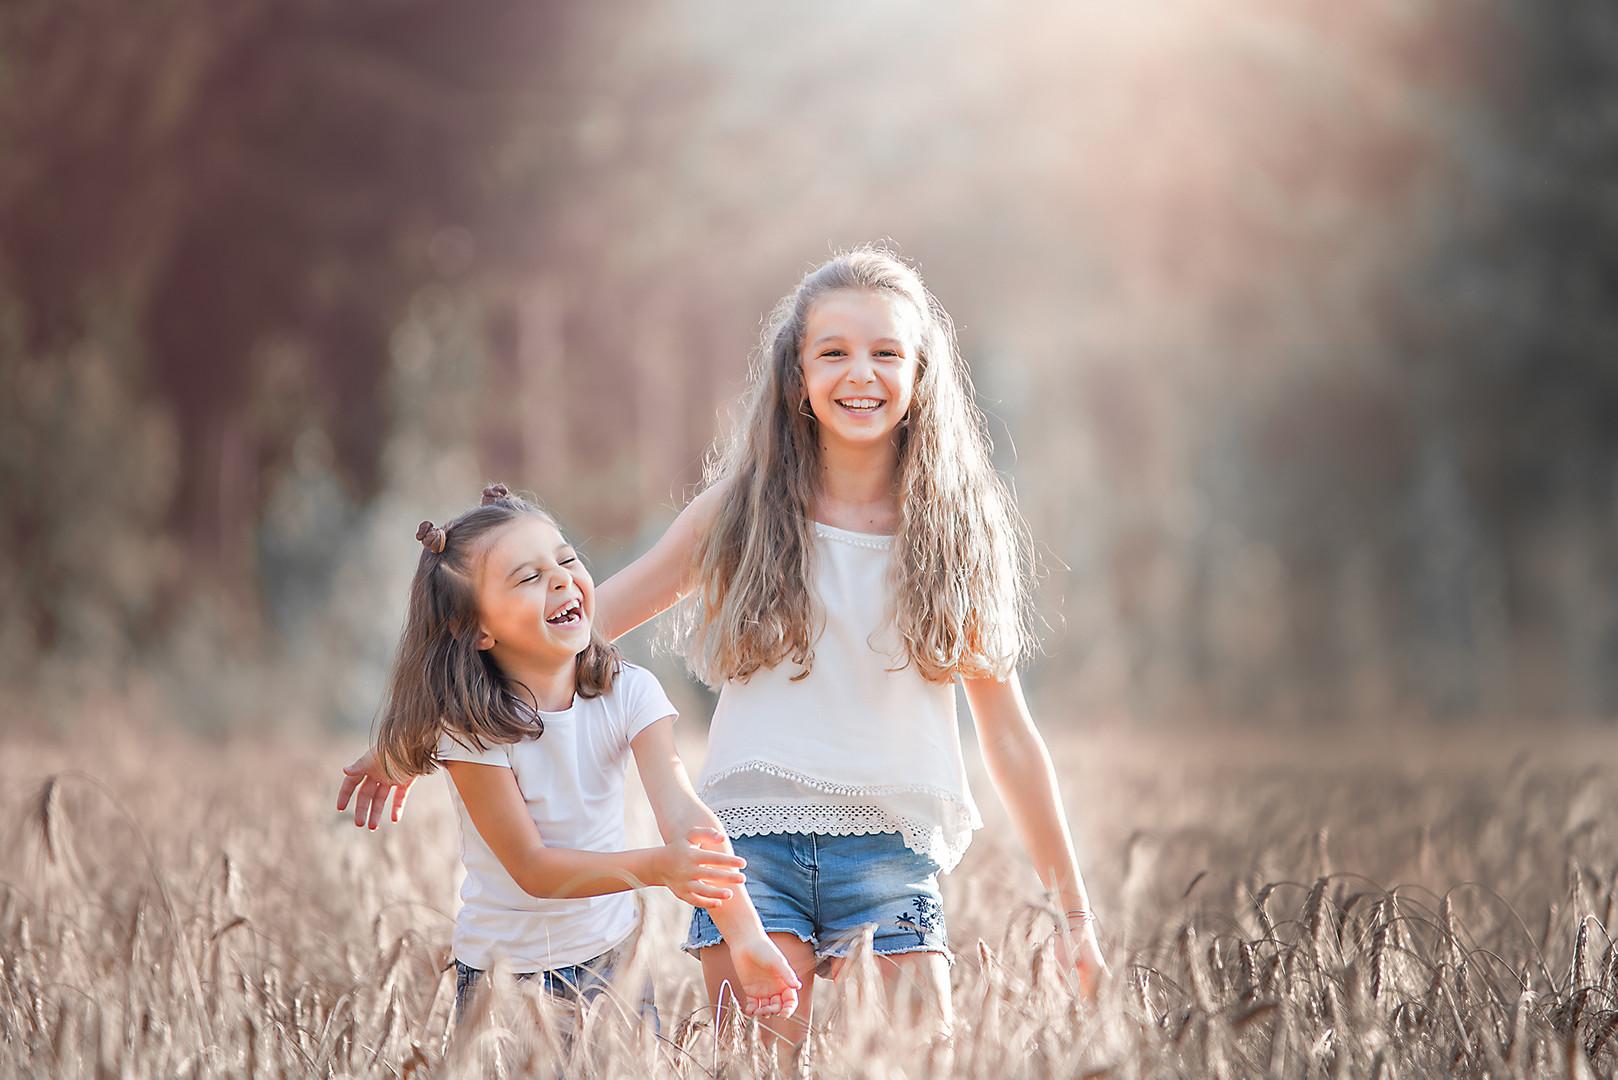 Enfants - Photographe famille Nîmes